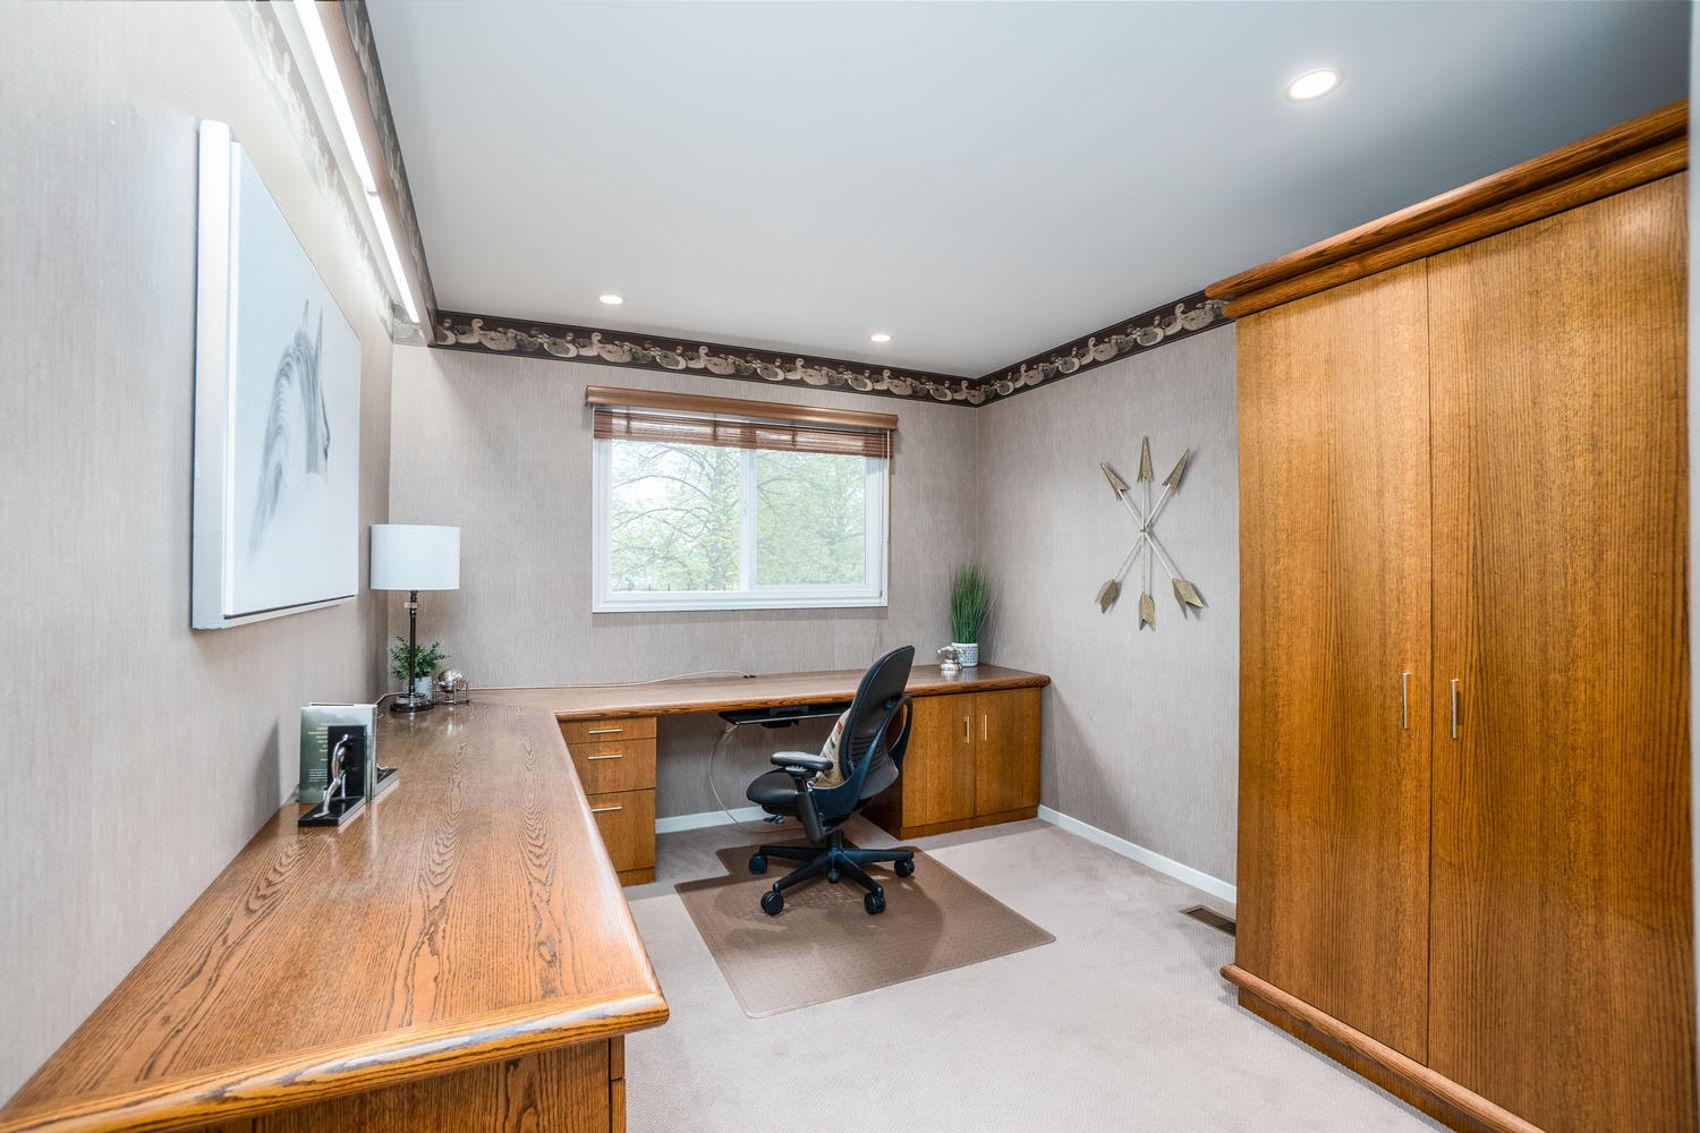 14 Treasure Grove Toronto ON-large-022-18-Bedroom 2-1500x1000-72dpi.jpg